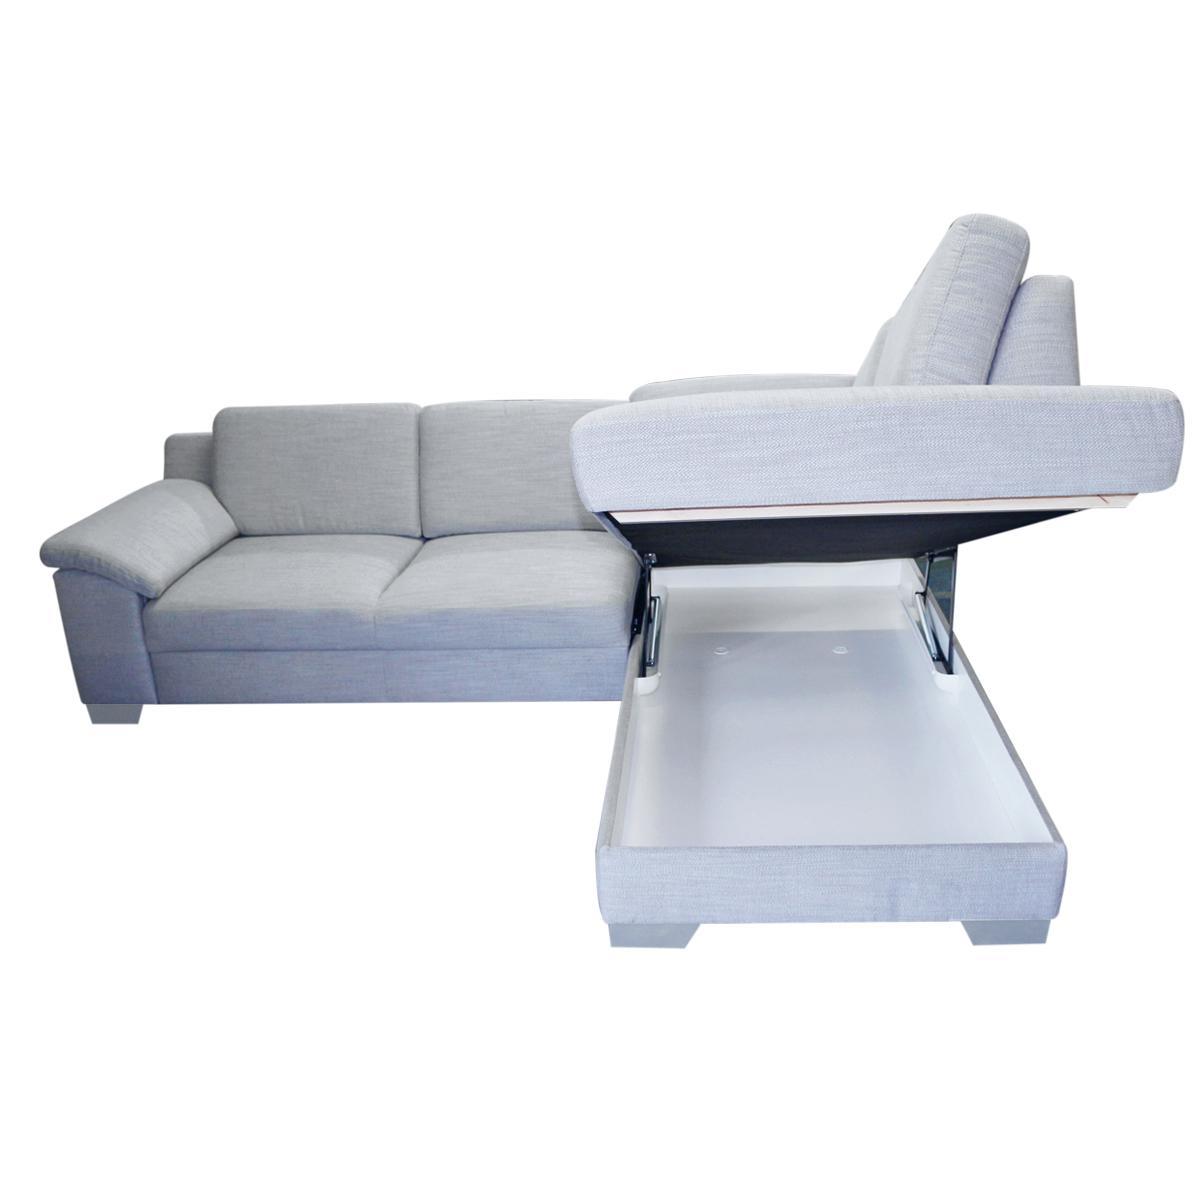 Rohová sedačka MALIBU - Obrázok č. 3